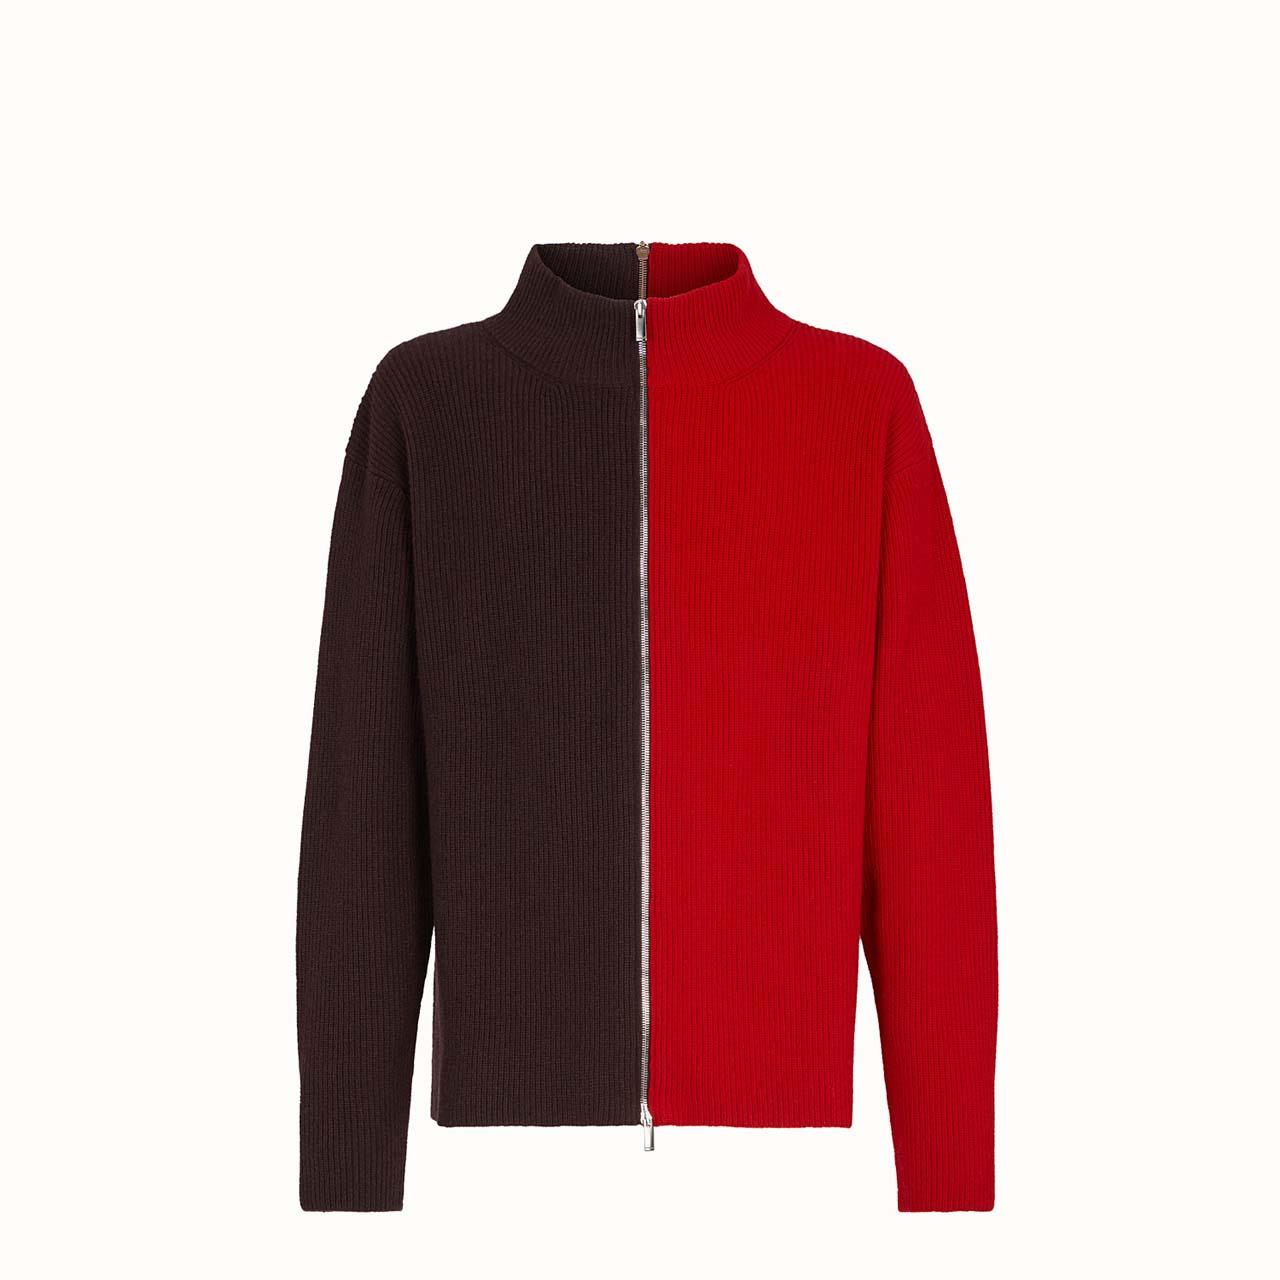 MulticolorSweater_1